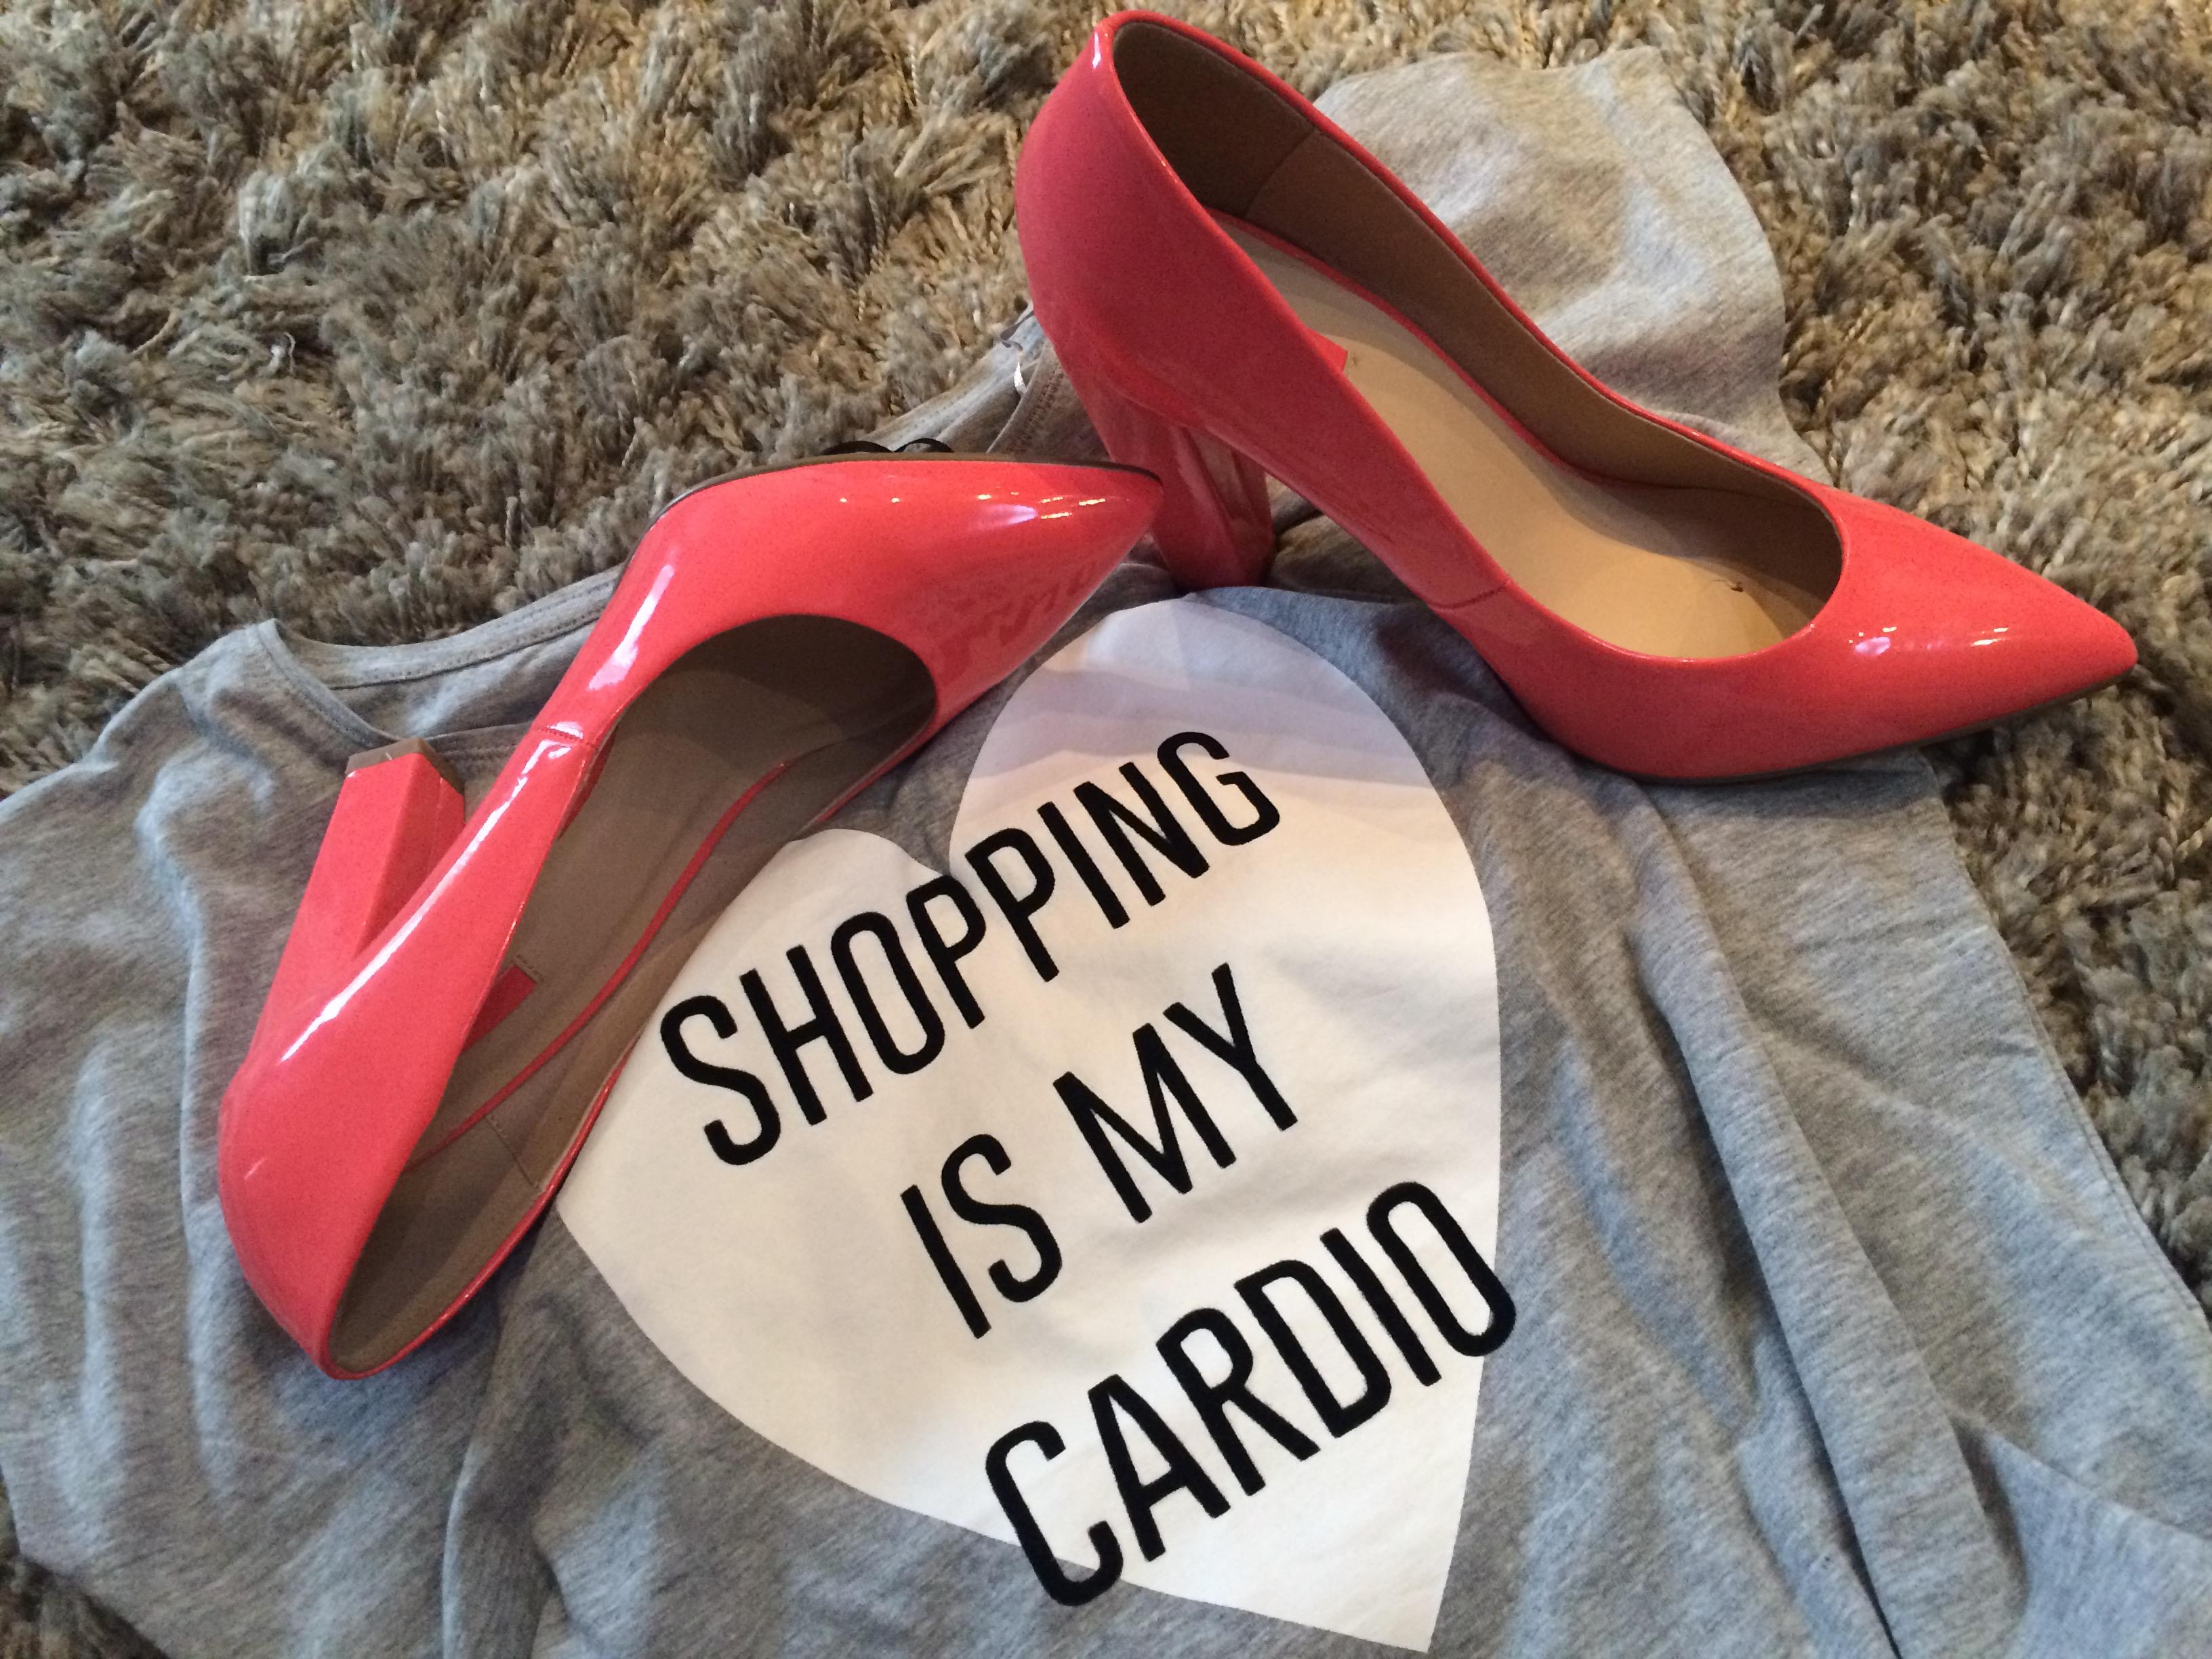 pantofii mei de ziua femeilor #petoc